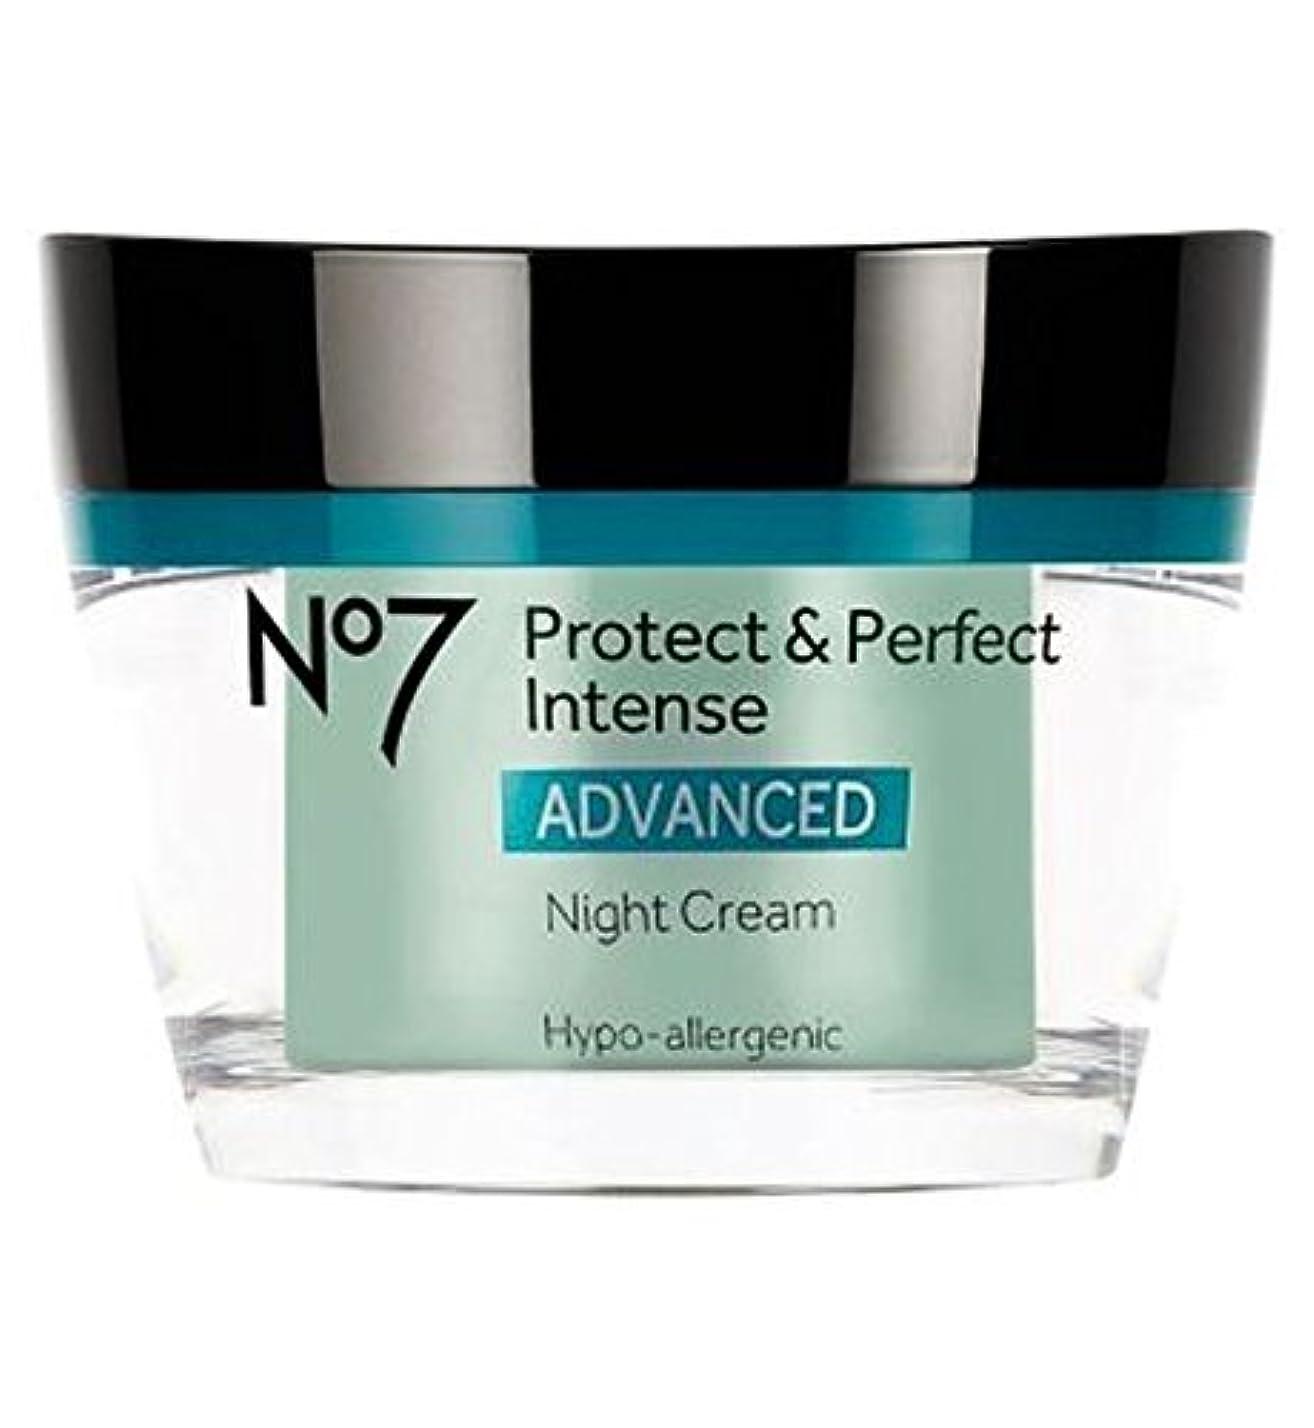 地下室貞探すProtect & Perfect Intense Advanced Night Cream by No. 7